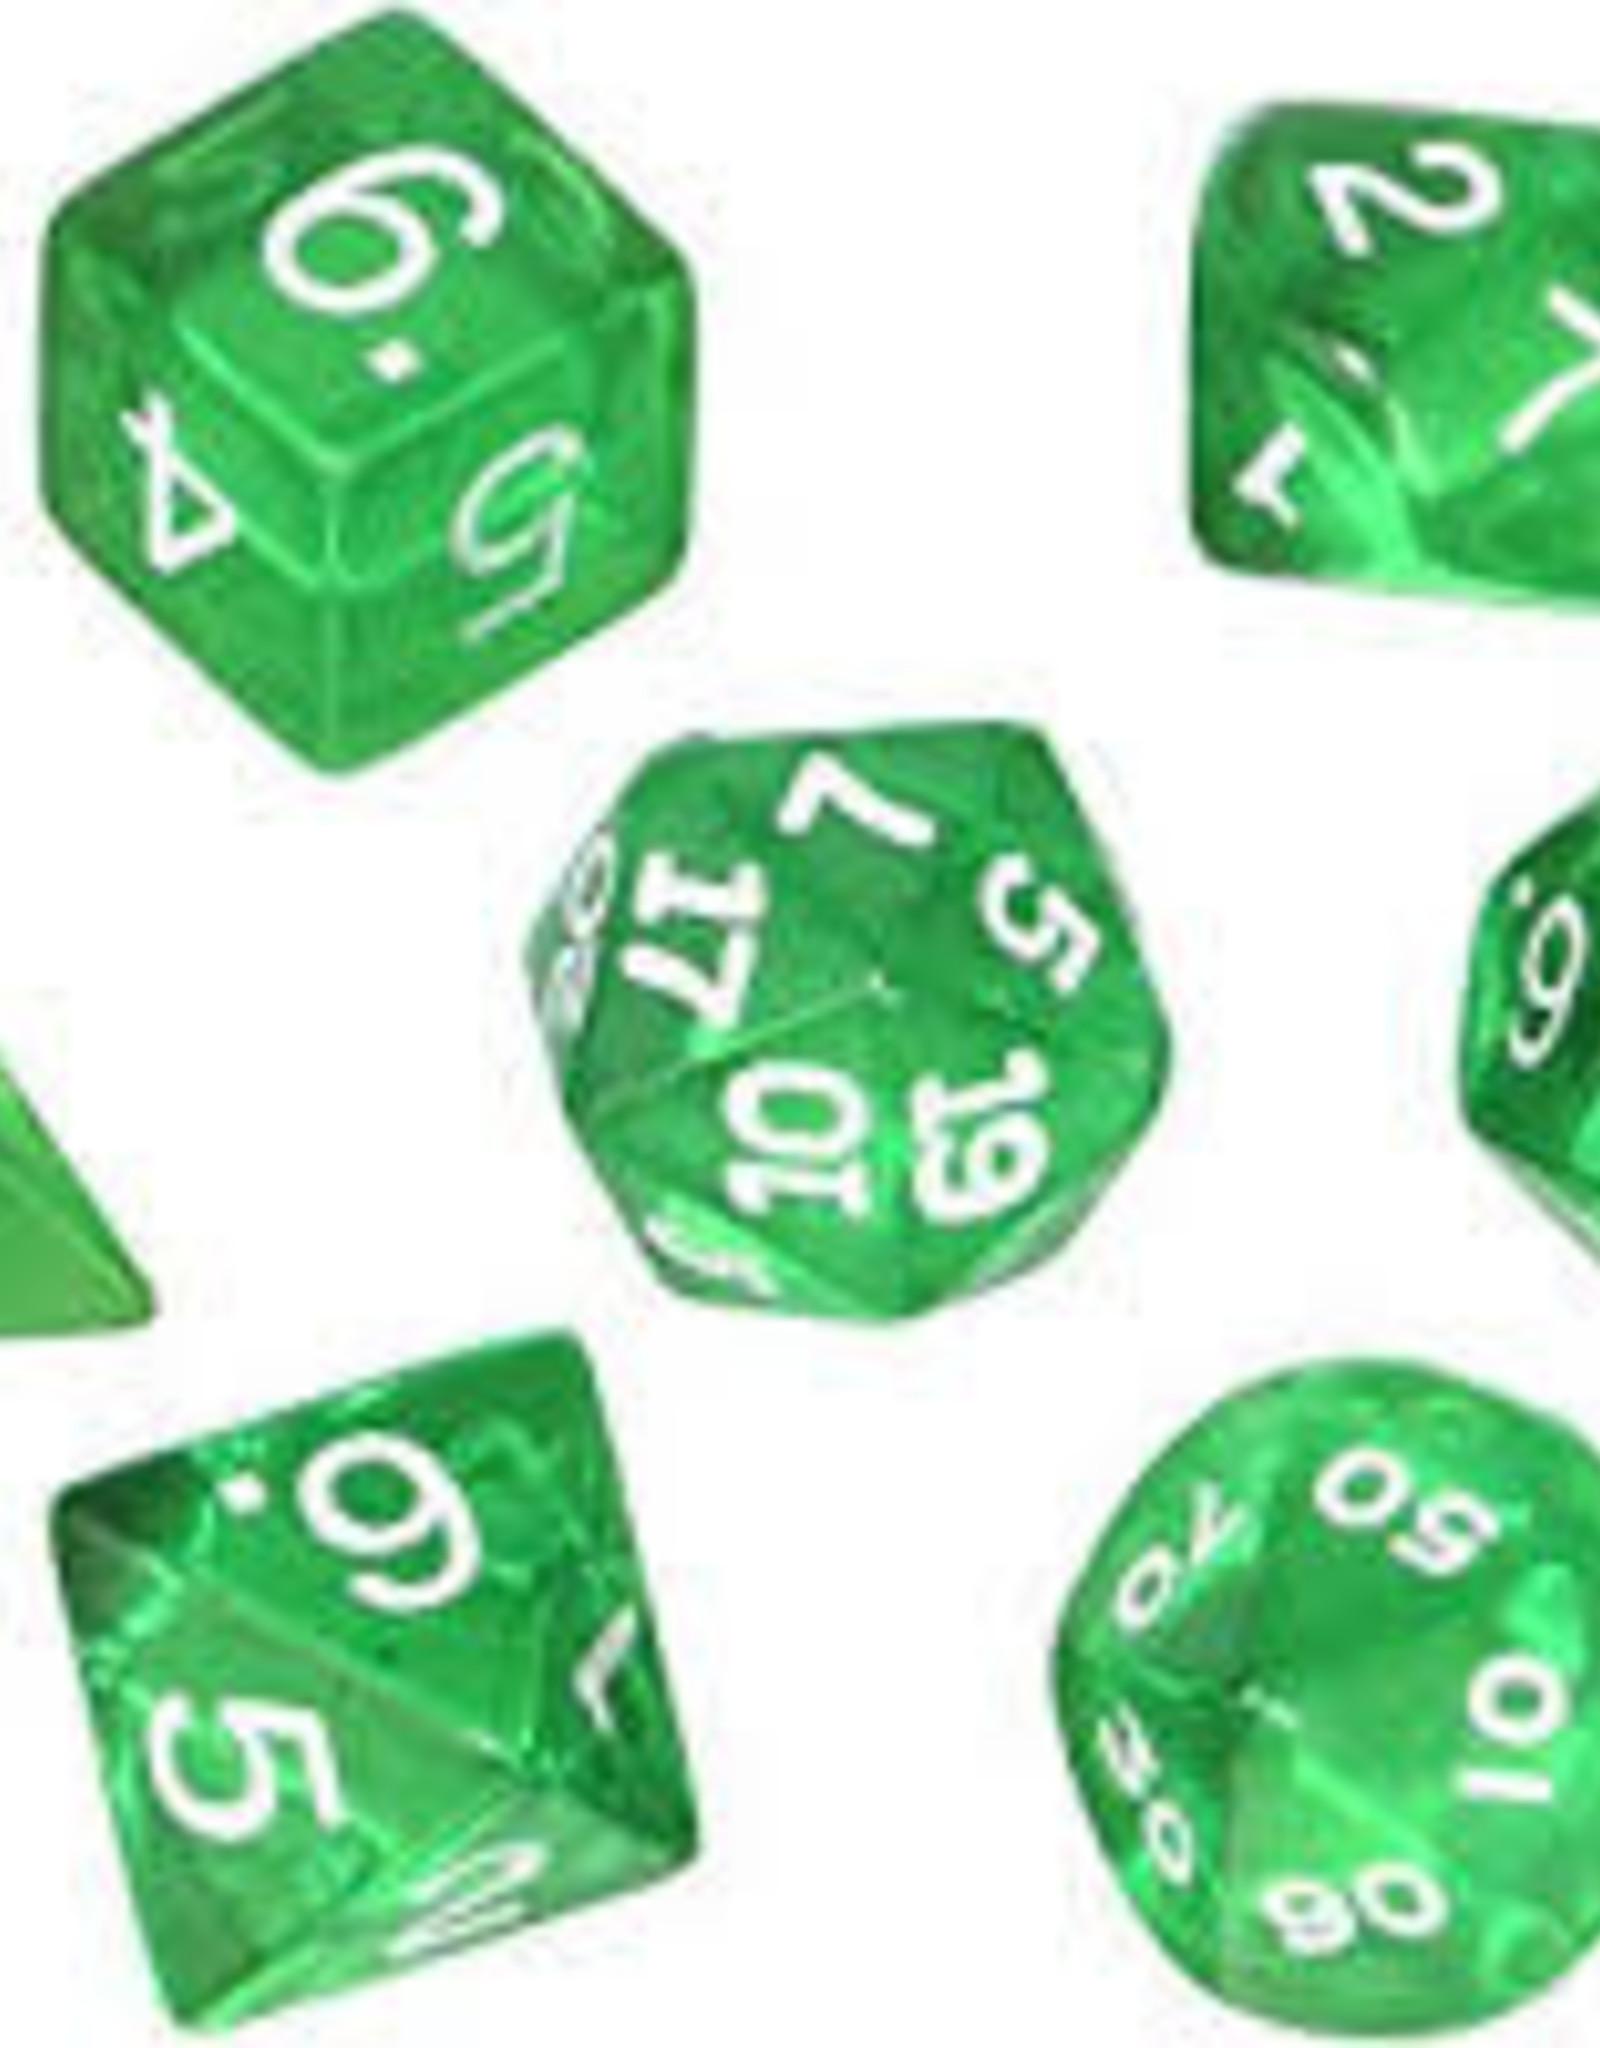 Chessex Dice - Mini 7pc Green & White